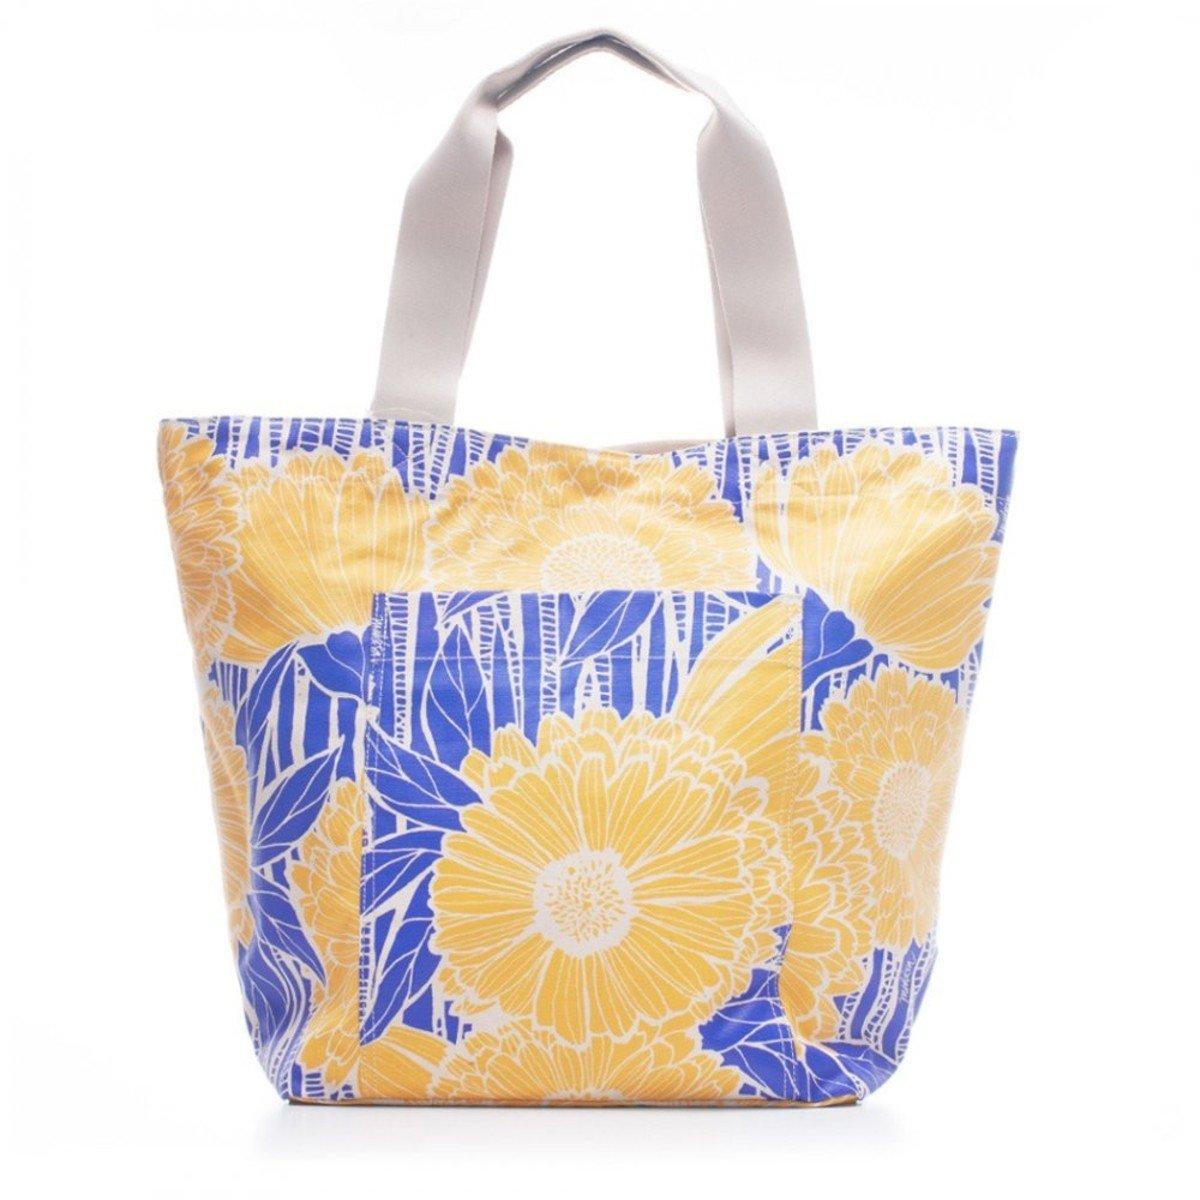 沙灘袋 - Yellow Sunflower